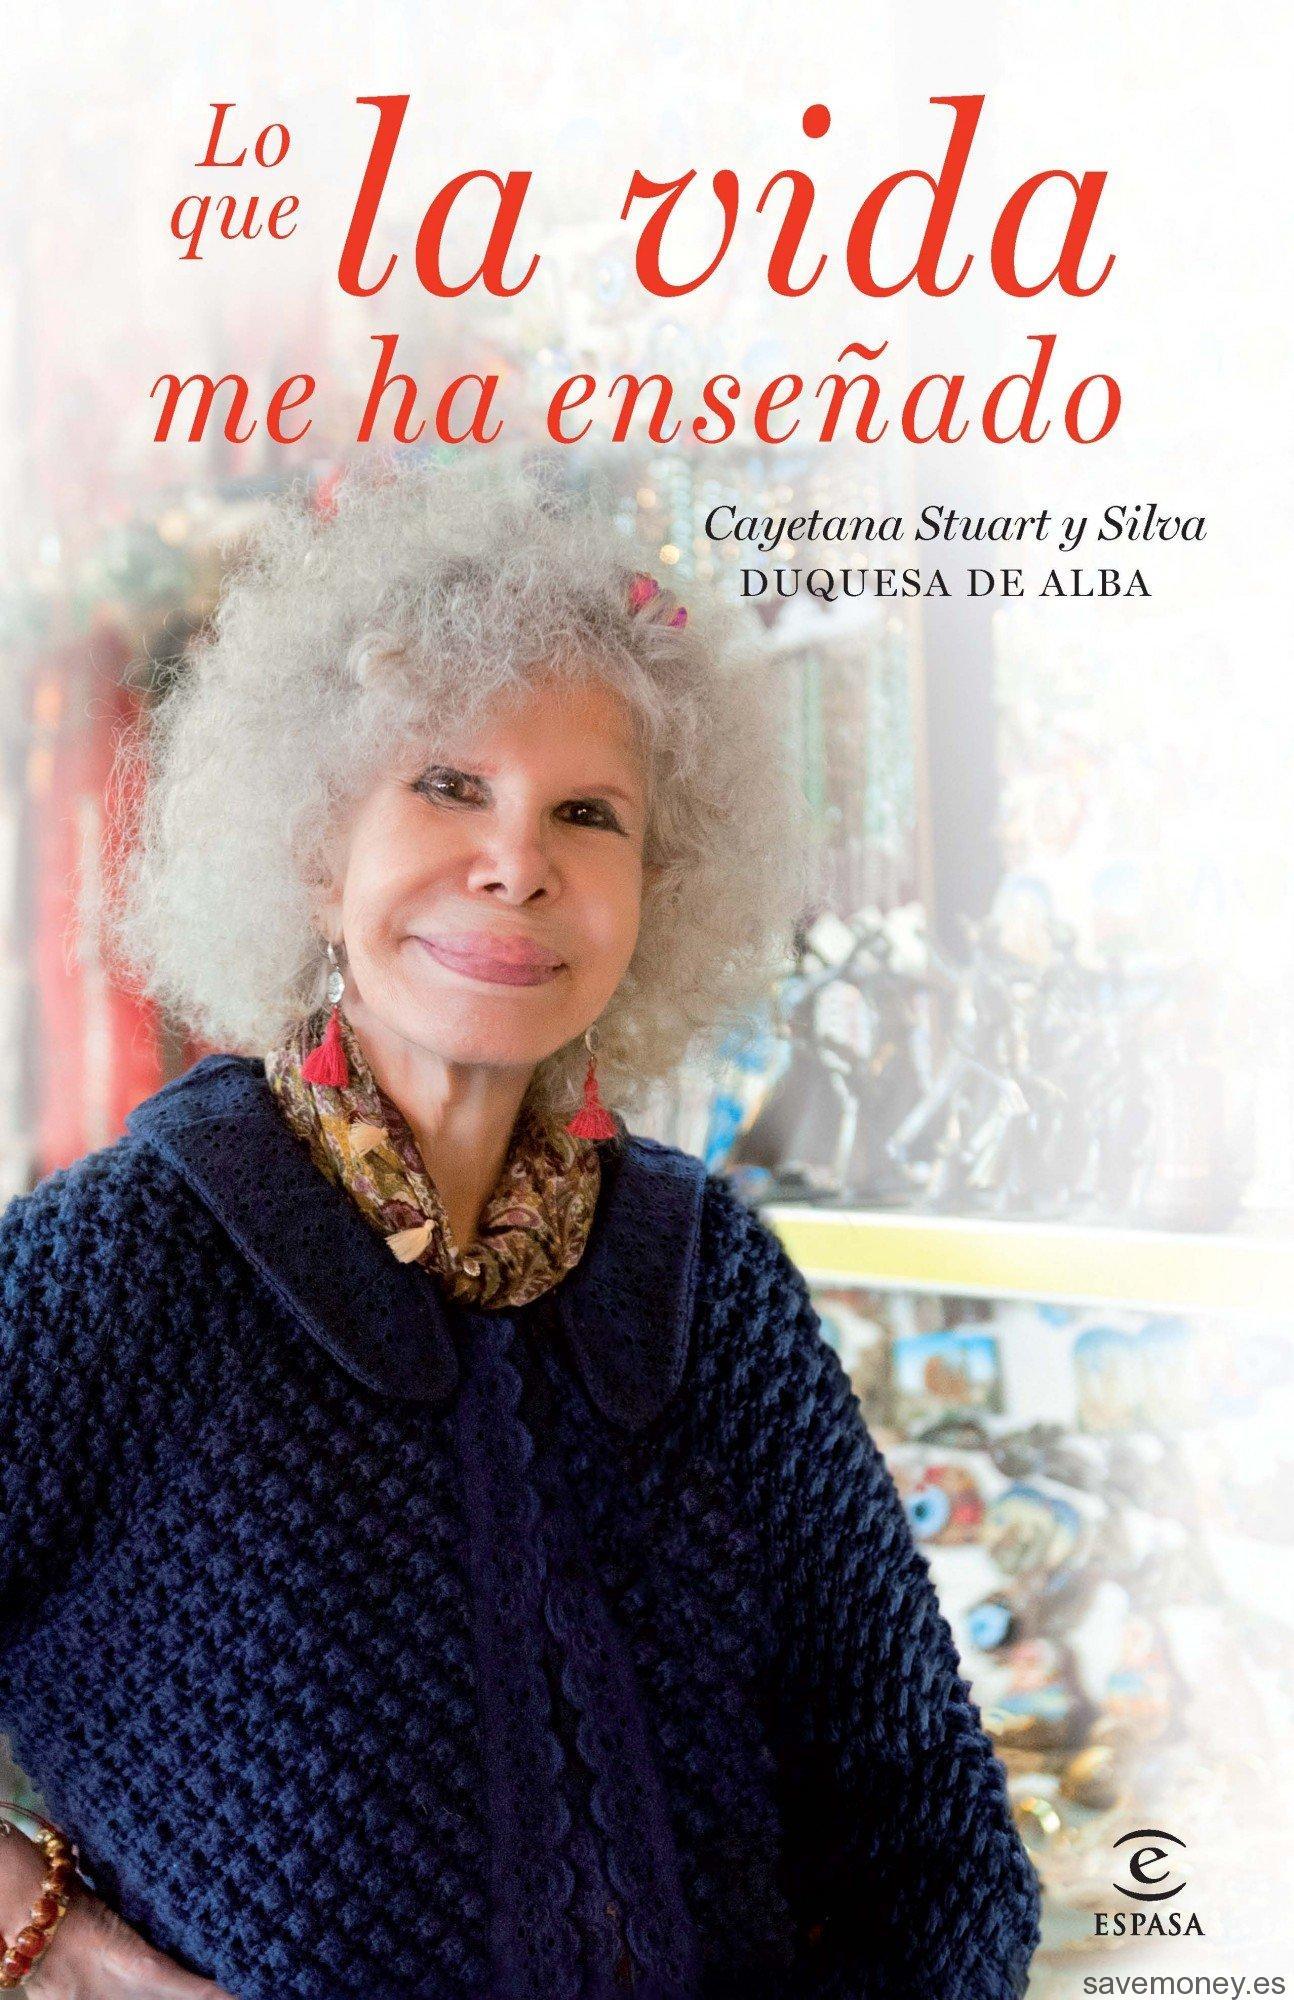 Conoce más sobre la vida de la Duquesa de Alba